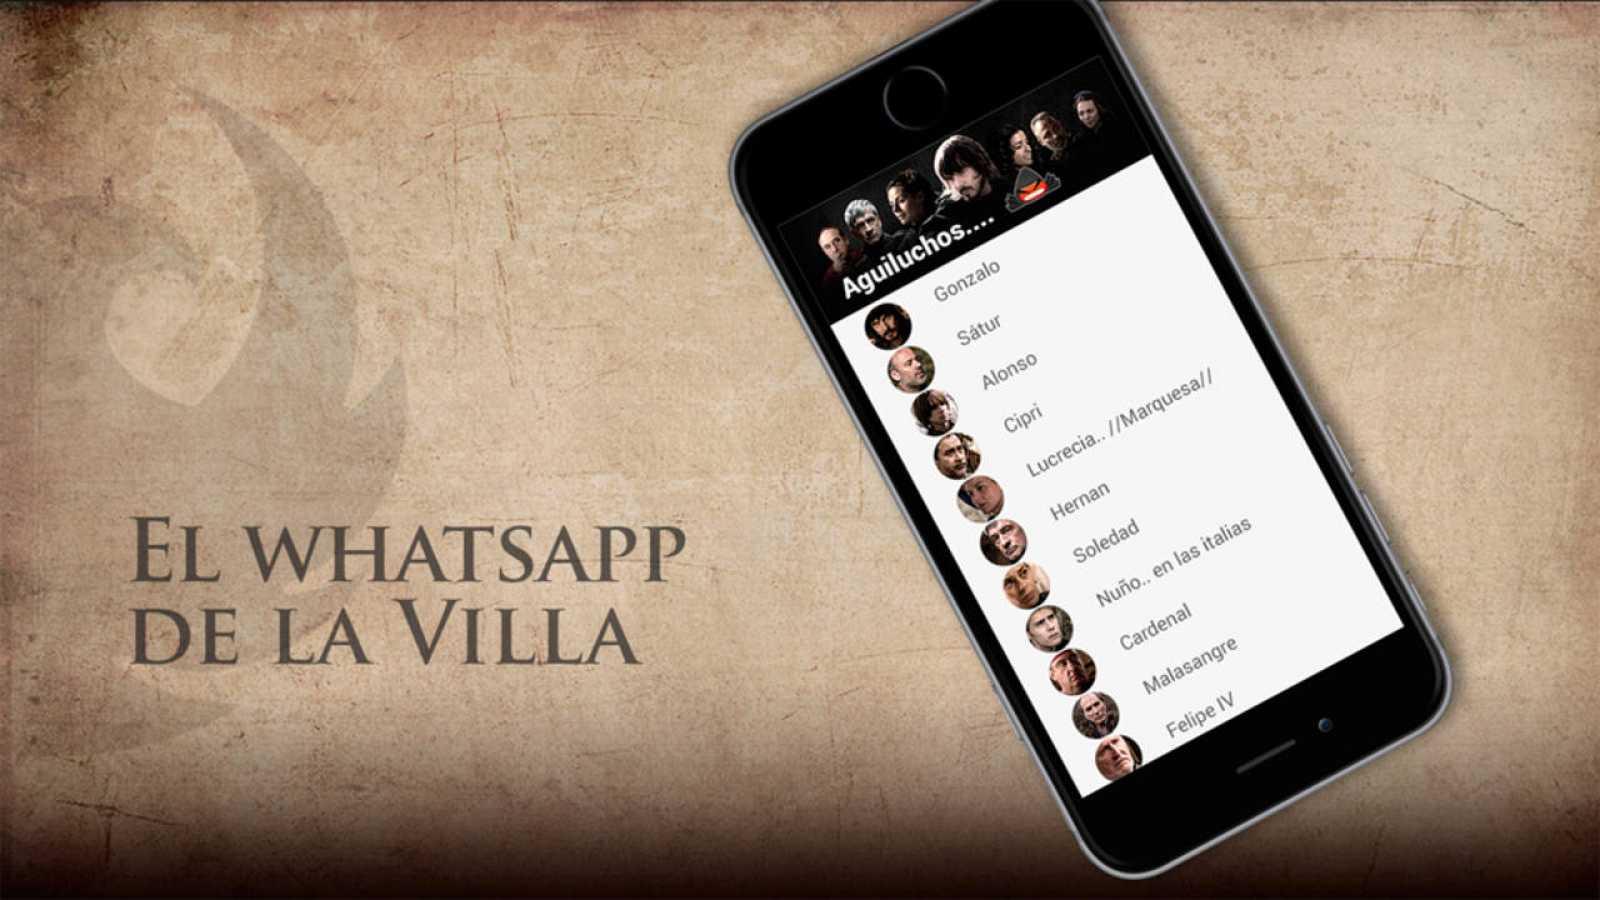 Águila Roja - El WhatsApp de la Villa